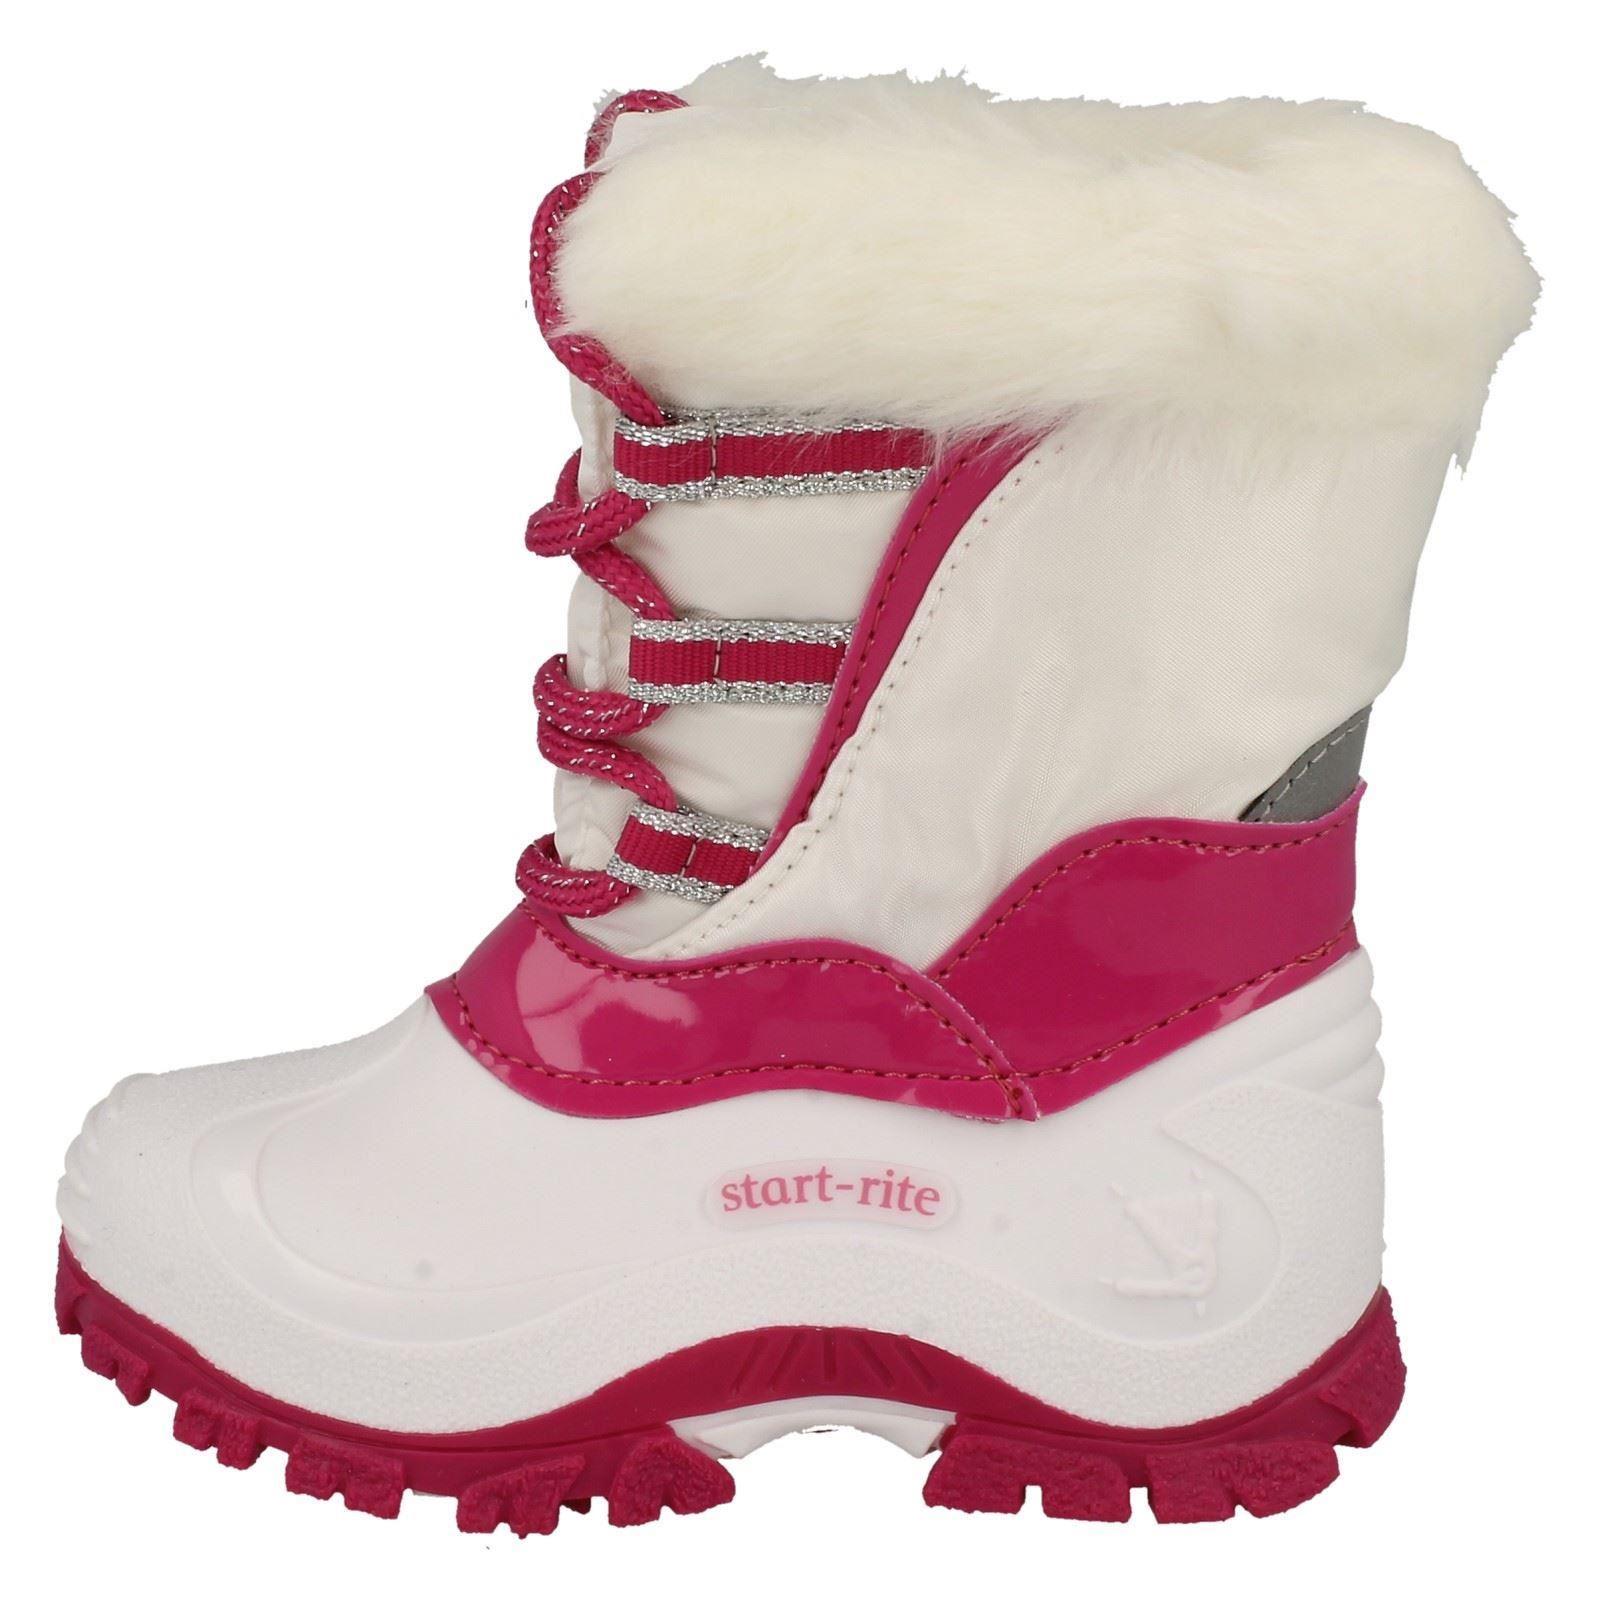 Girls Startrite Winter Snow Boots Fantasy